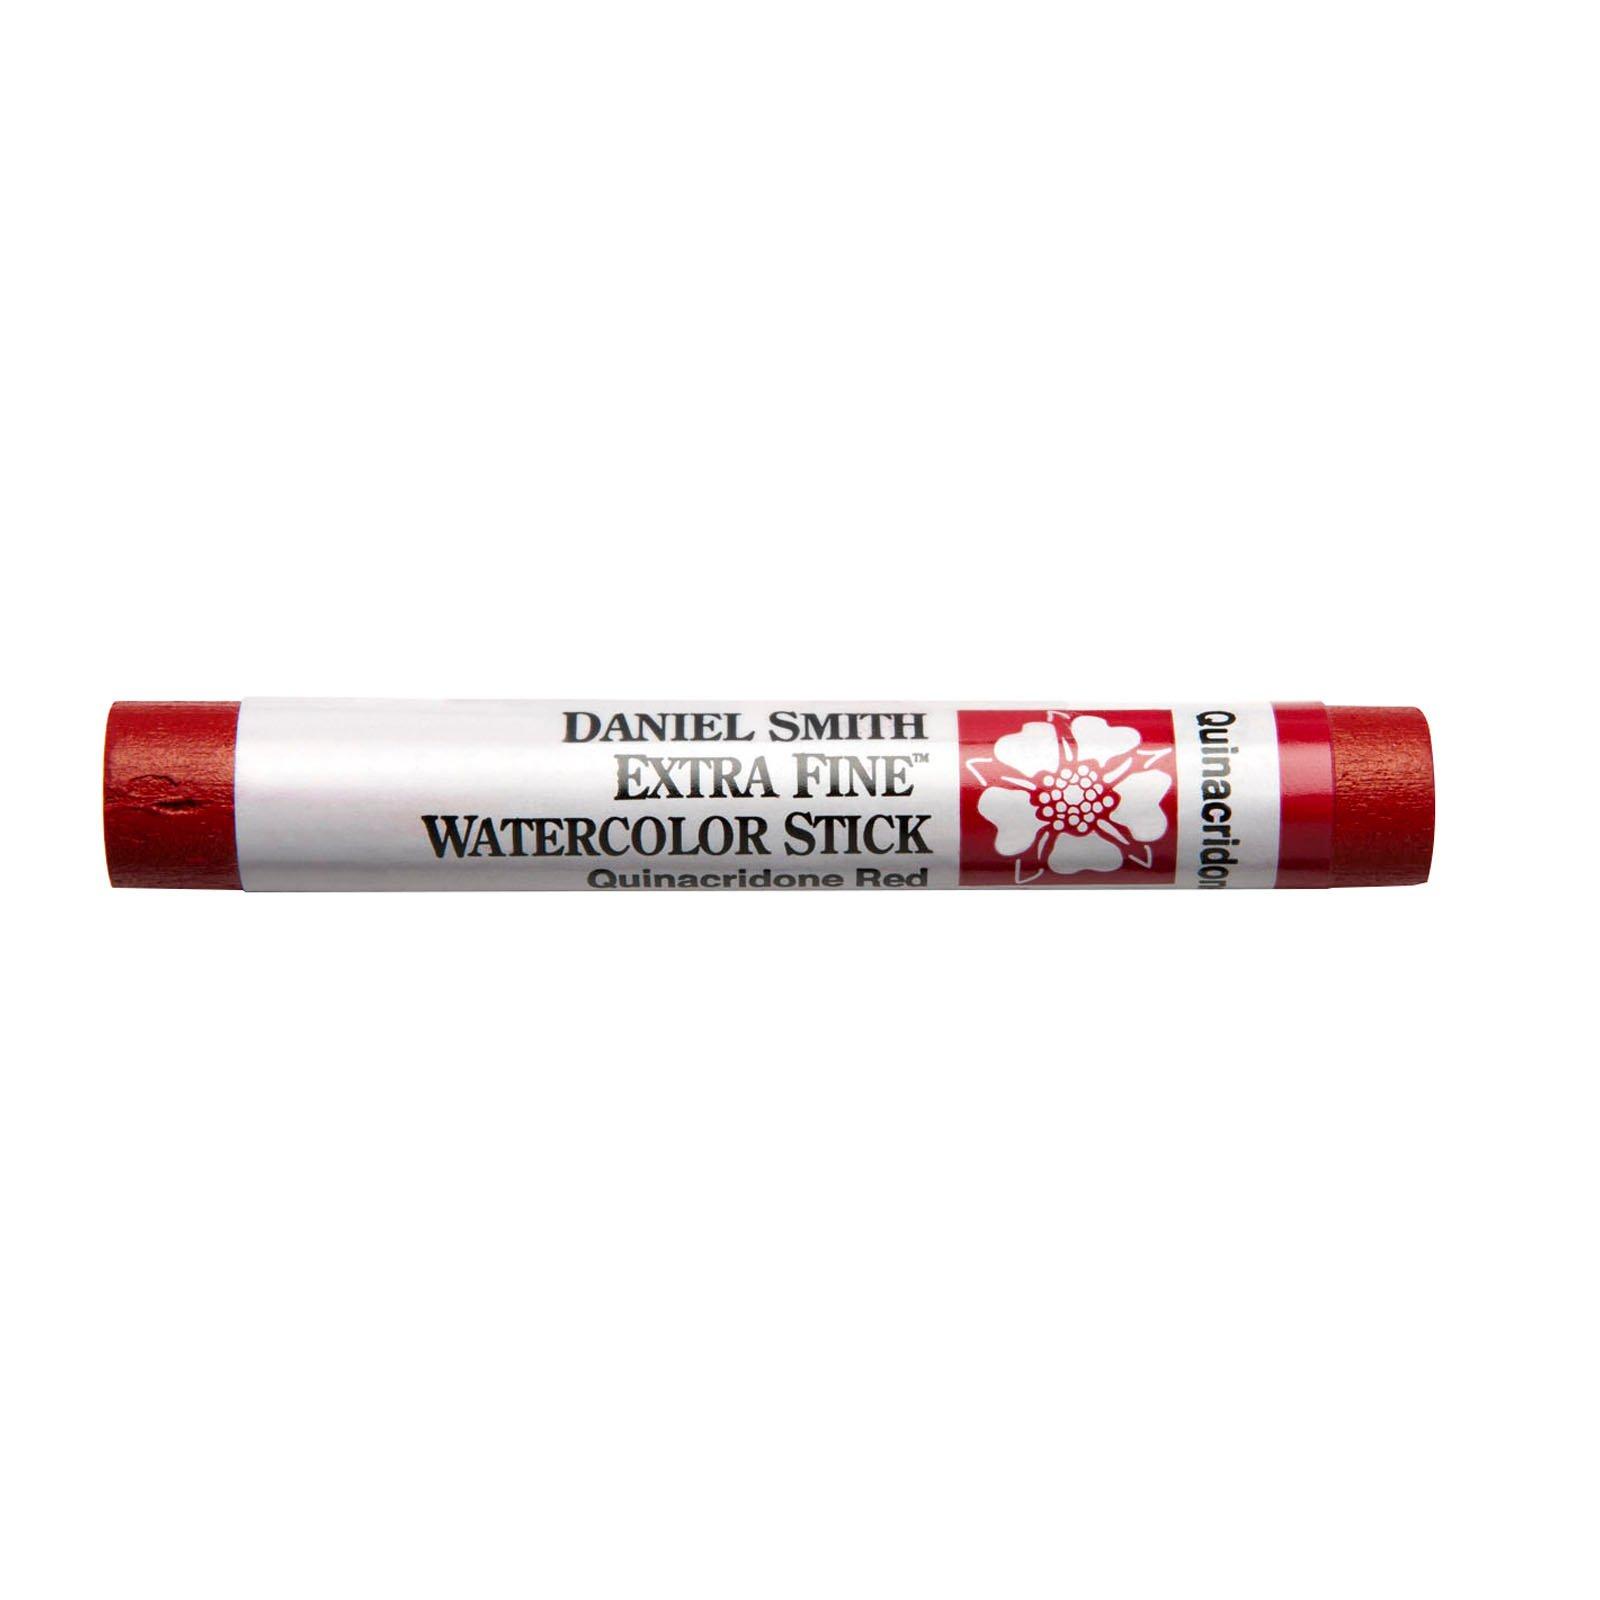 Extra-Fine Watercolor Sticks, Quinacridone Red - 12ml Stick